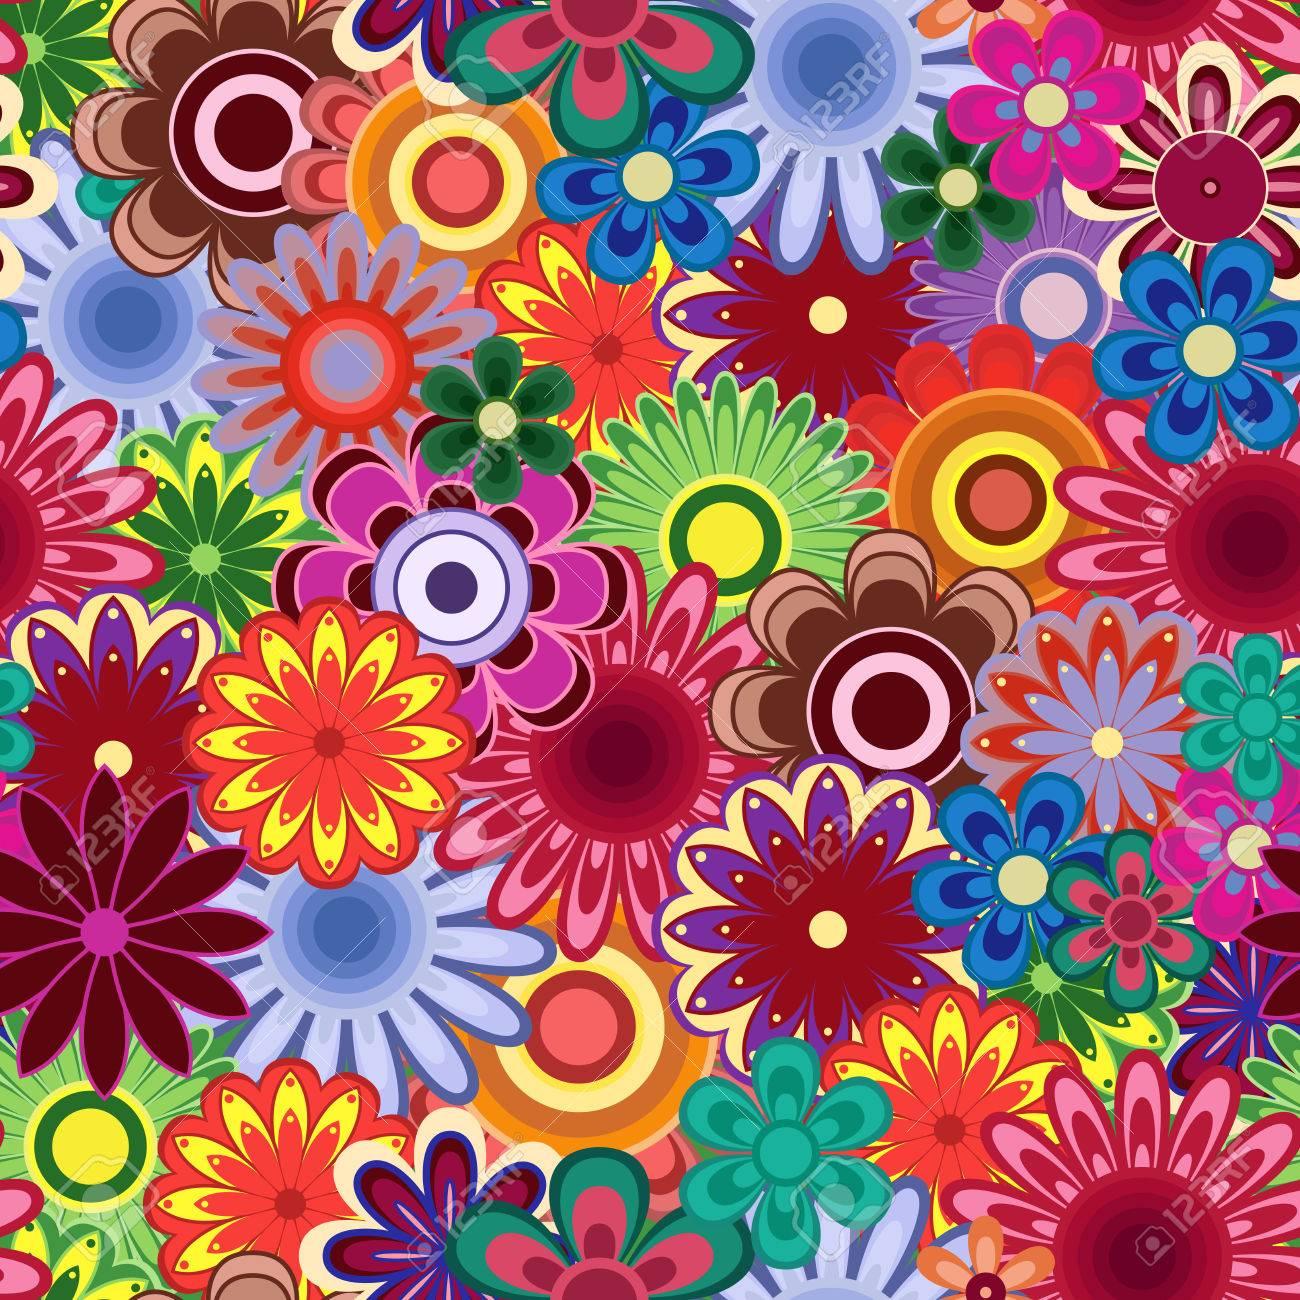 Modelo Inconsútil Del Vector Con Muchas Flores De Colores Brillantes Ilustraciones Vectoriales, Clip Art Vectorizado Libre De Derechos. Image 68546809.